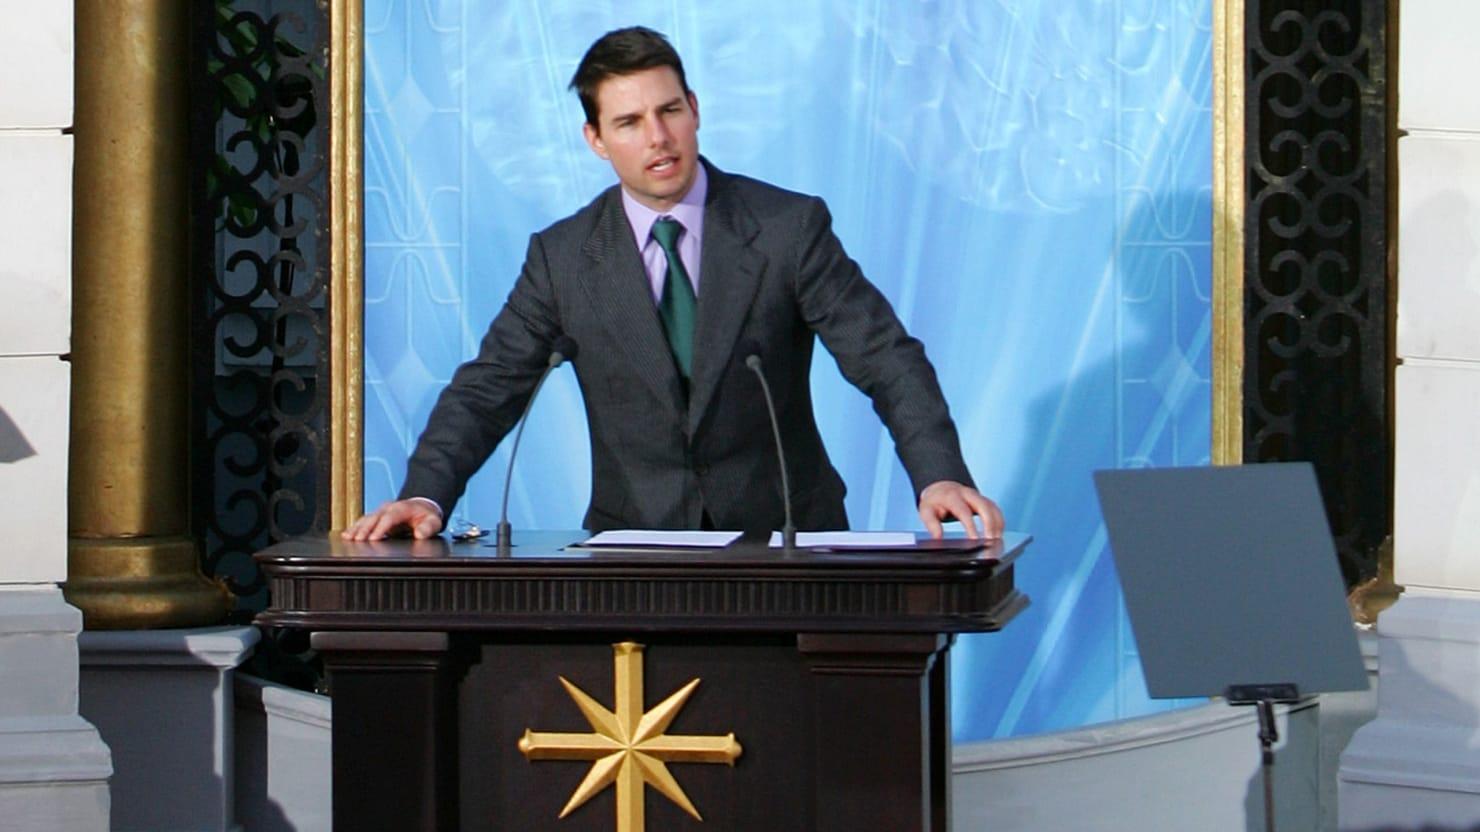 Anh hùng đơn độc Tom Cruise: Bí ẩn về số 33 định mệnh và những điều cất giấu phía sau giáo phái cuồng tín - Ảnh 6.